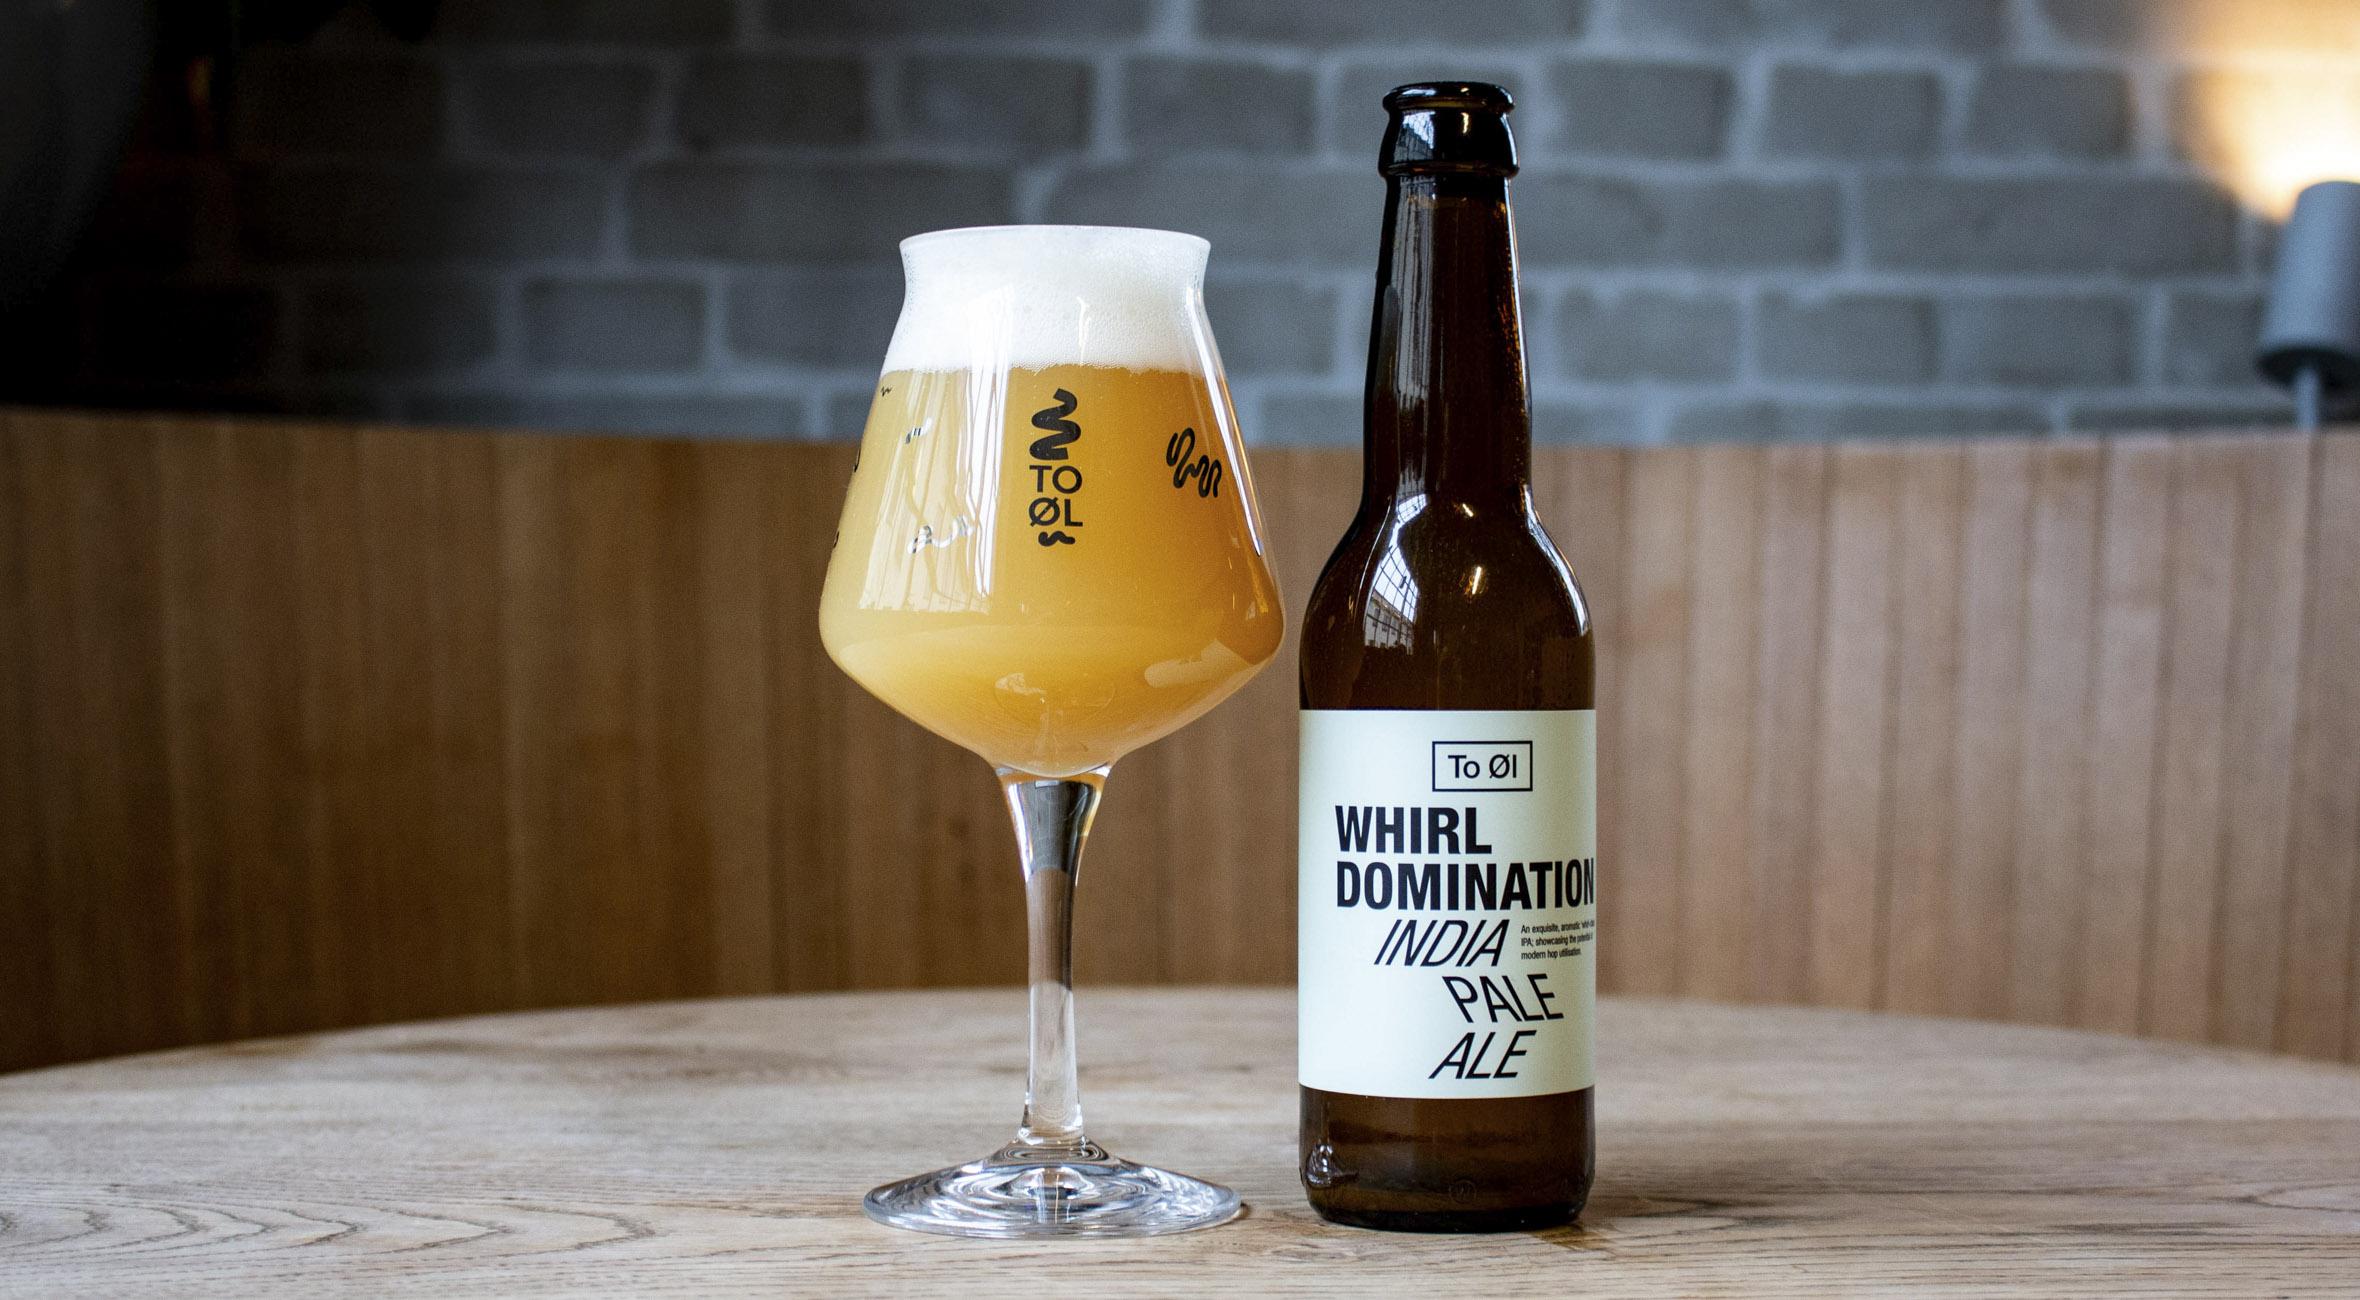 Frit valg til alt hos To Øl på Nørrebro – Verdenskendt bryggeri har åbnet kæmpe pop-up! Køb øl og cocktails som gave og til køleskabet derhjemme